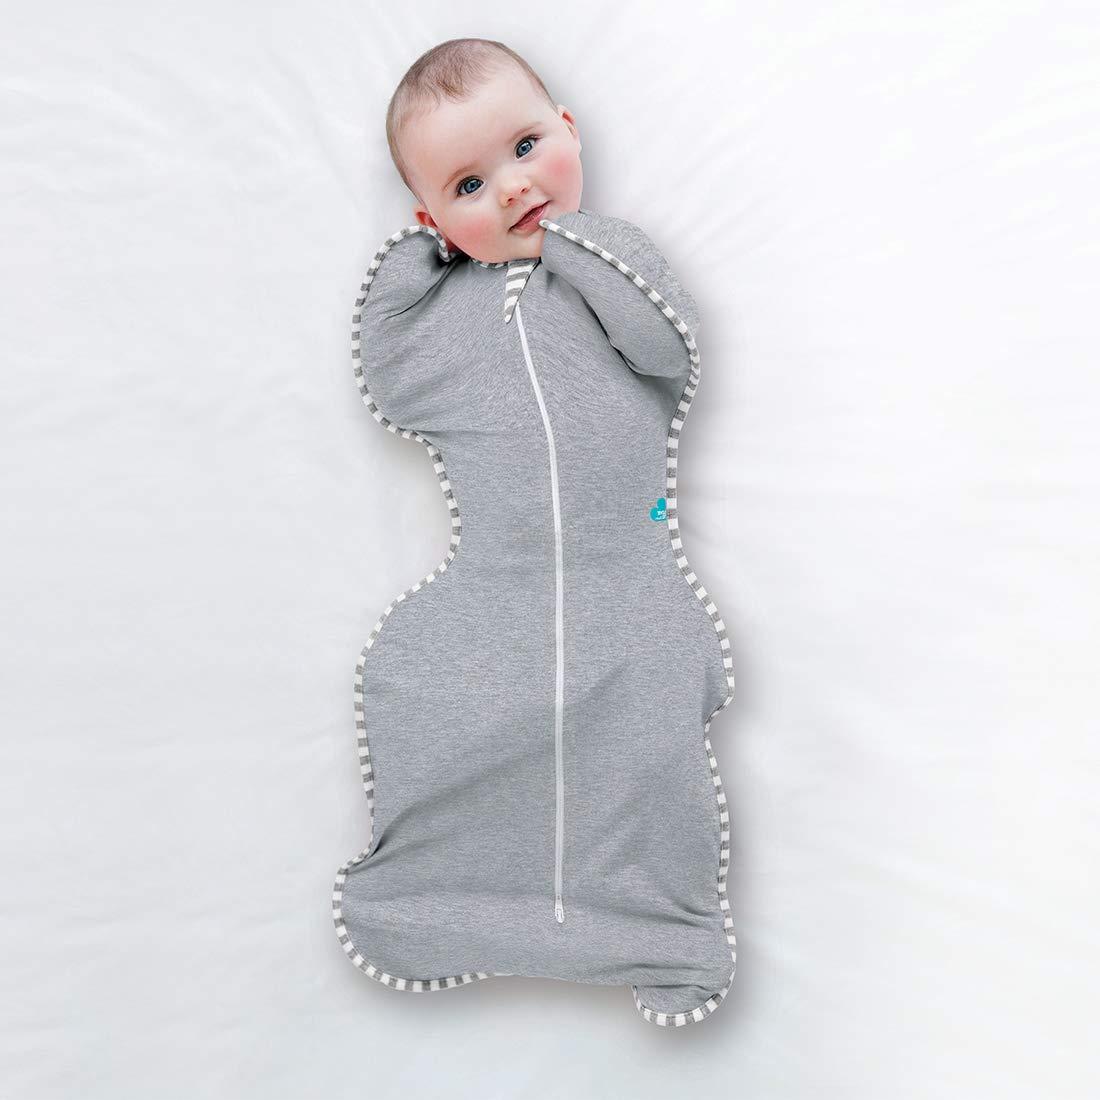 Blue Love To Dream Swaddle UP Original Small 3kg-6kg Swaddle Blanket 1.0 TOG